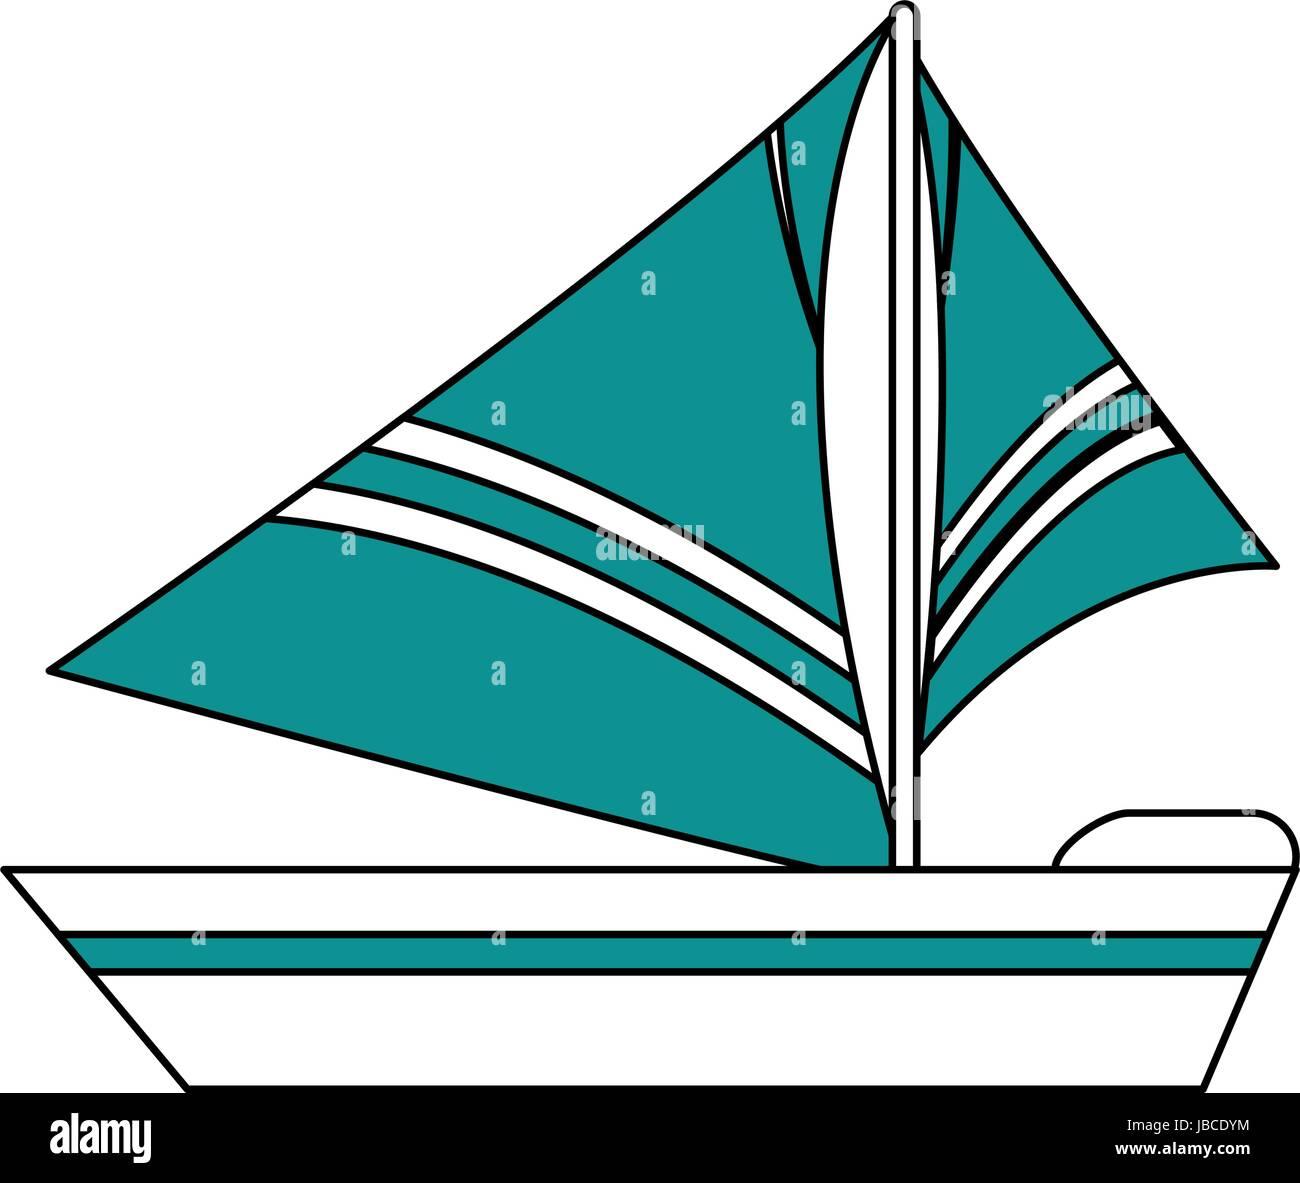 Sailboat icon design - Stock Vector